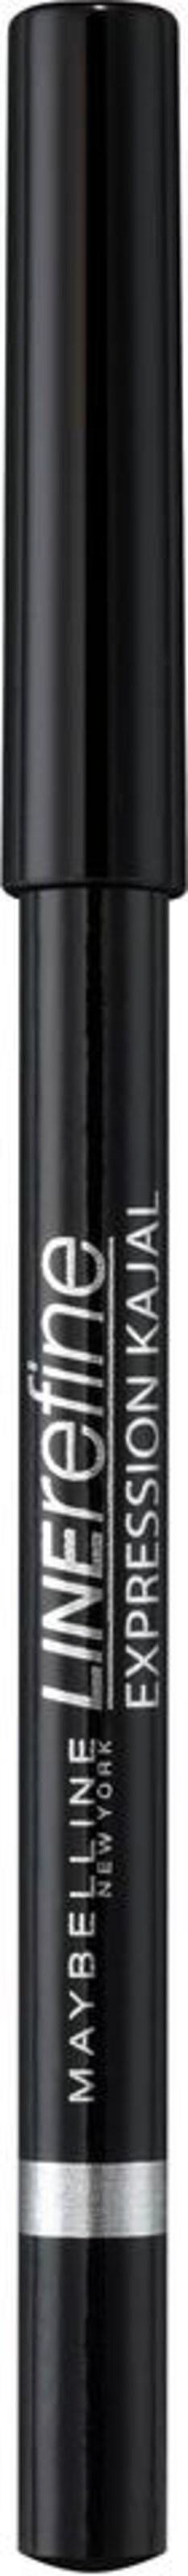 MAYBELLINE New York 'Expression Kajal Eye Liner', Kajalstift